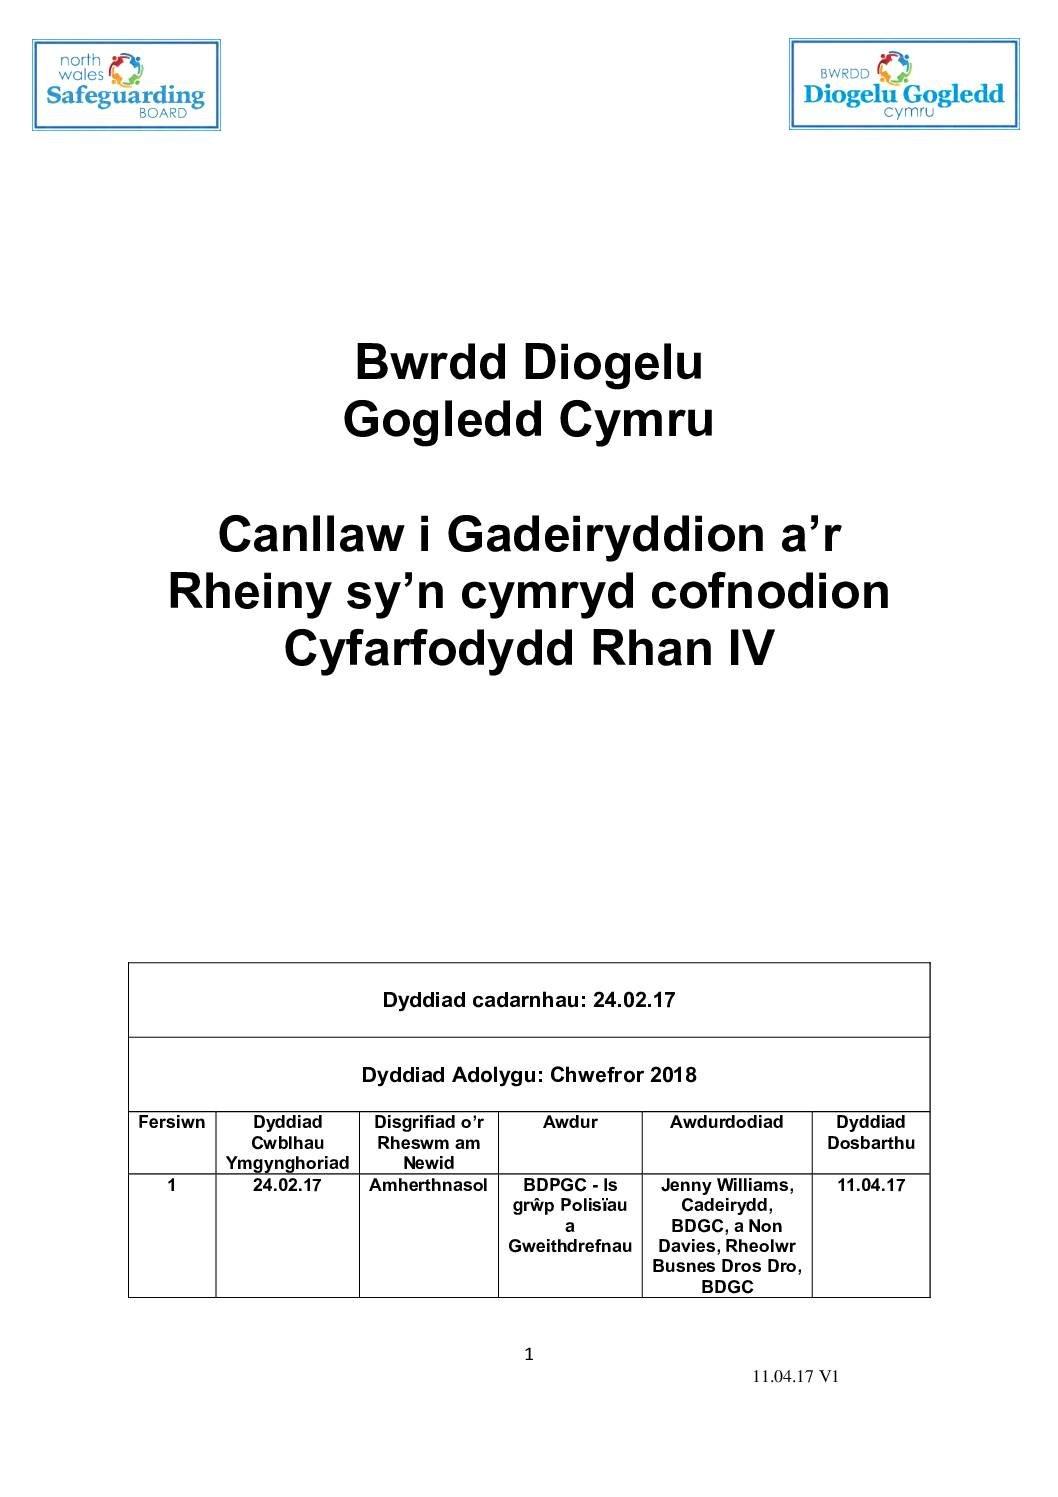 Canllaw i Gadeiryddion a'r Rheiny sy'n cymryd cofnodion Cyfarfodydd Rhan IV